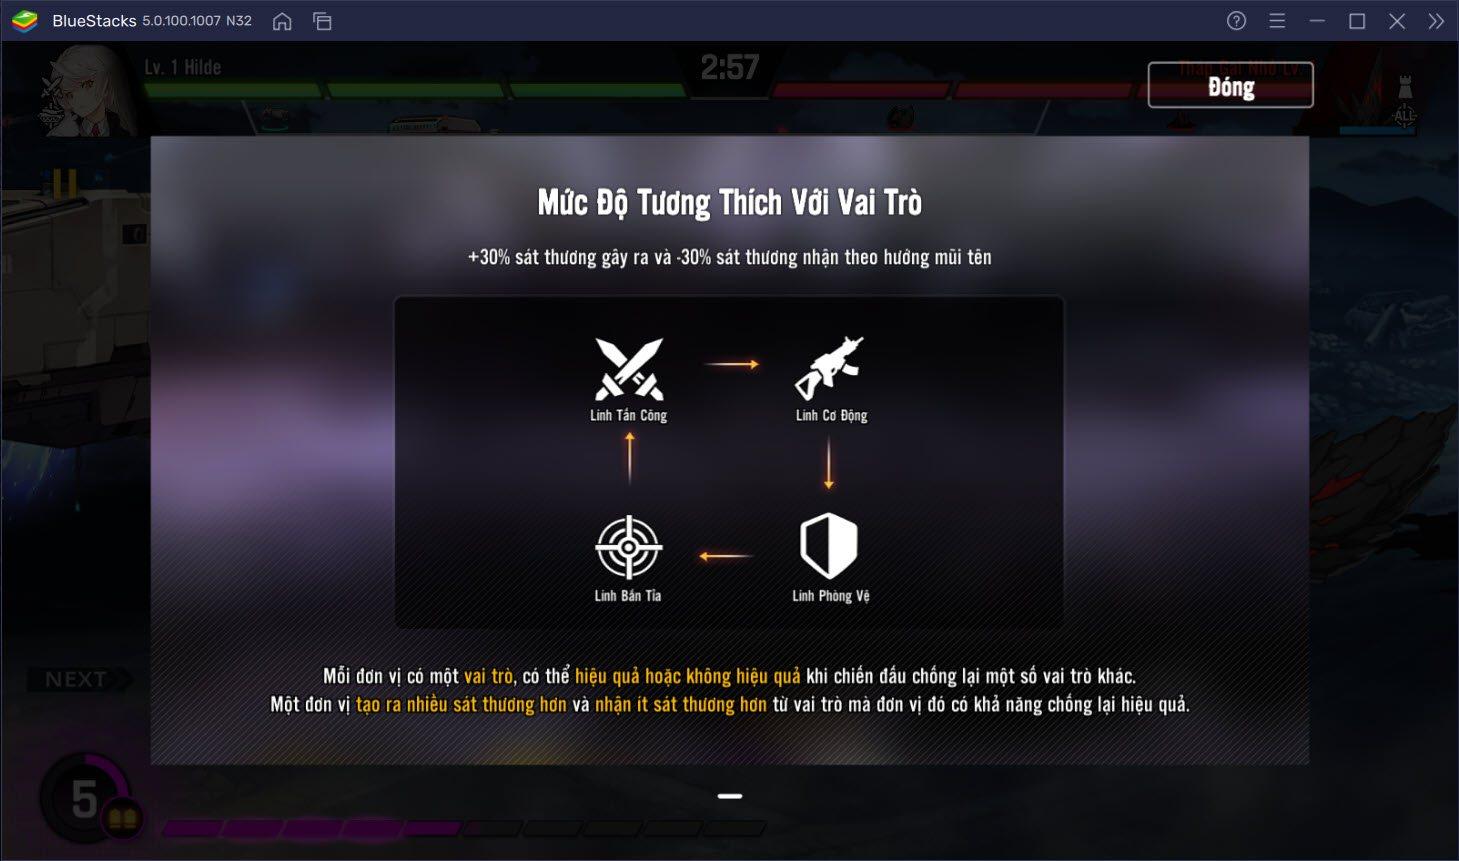 Trải nghiệm Counter:Side, cuộc chiến chưa bao giờ kết thúc